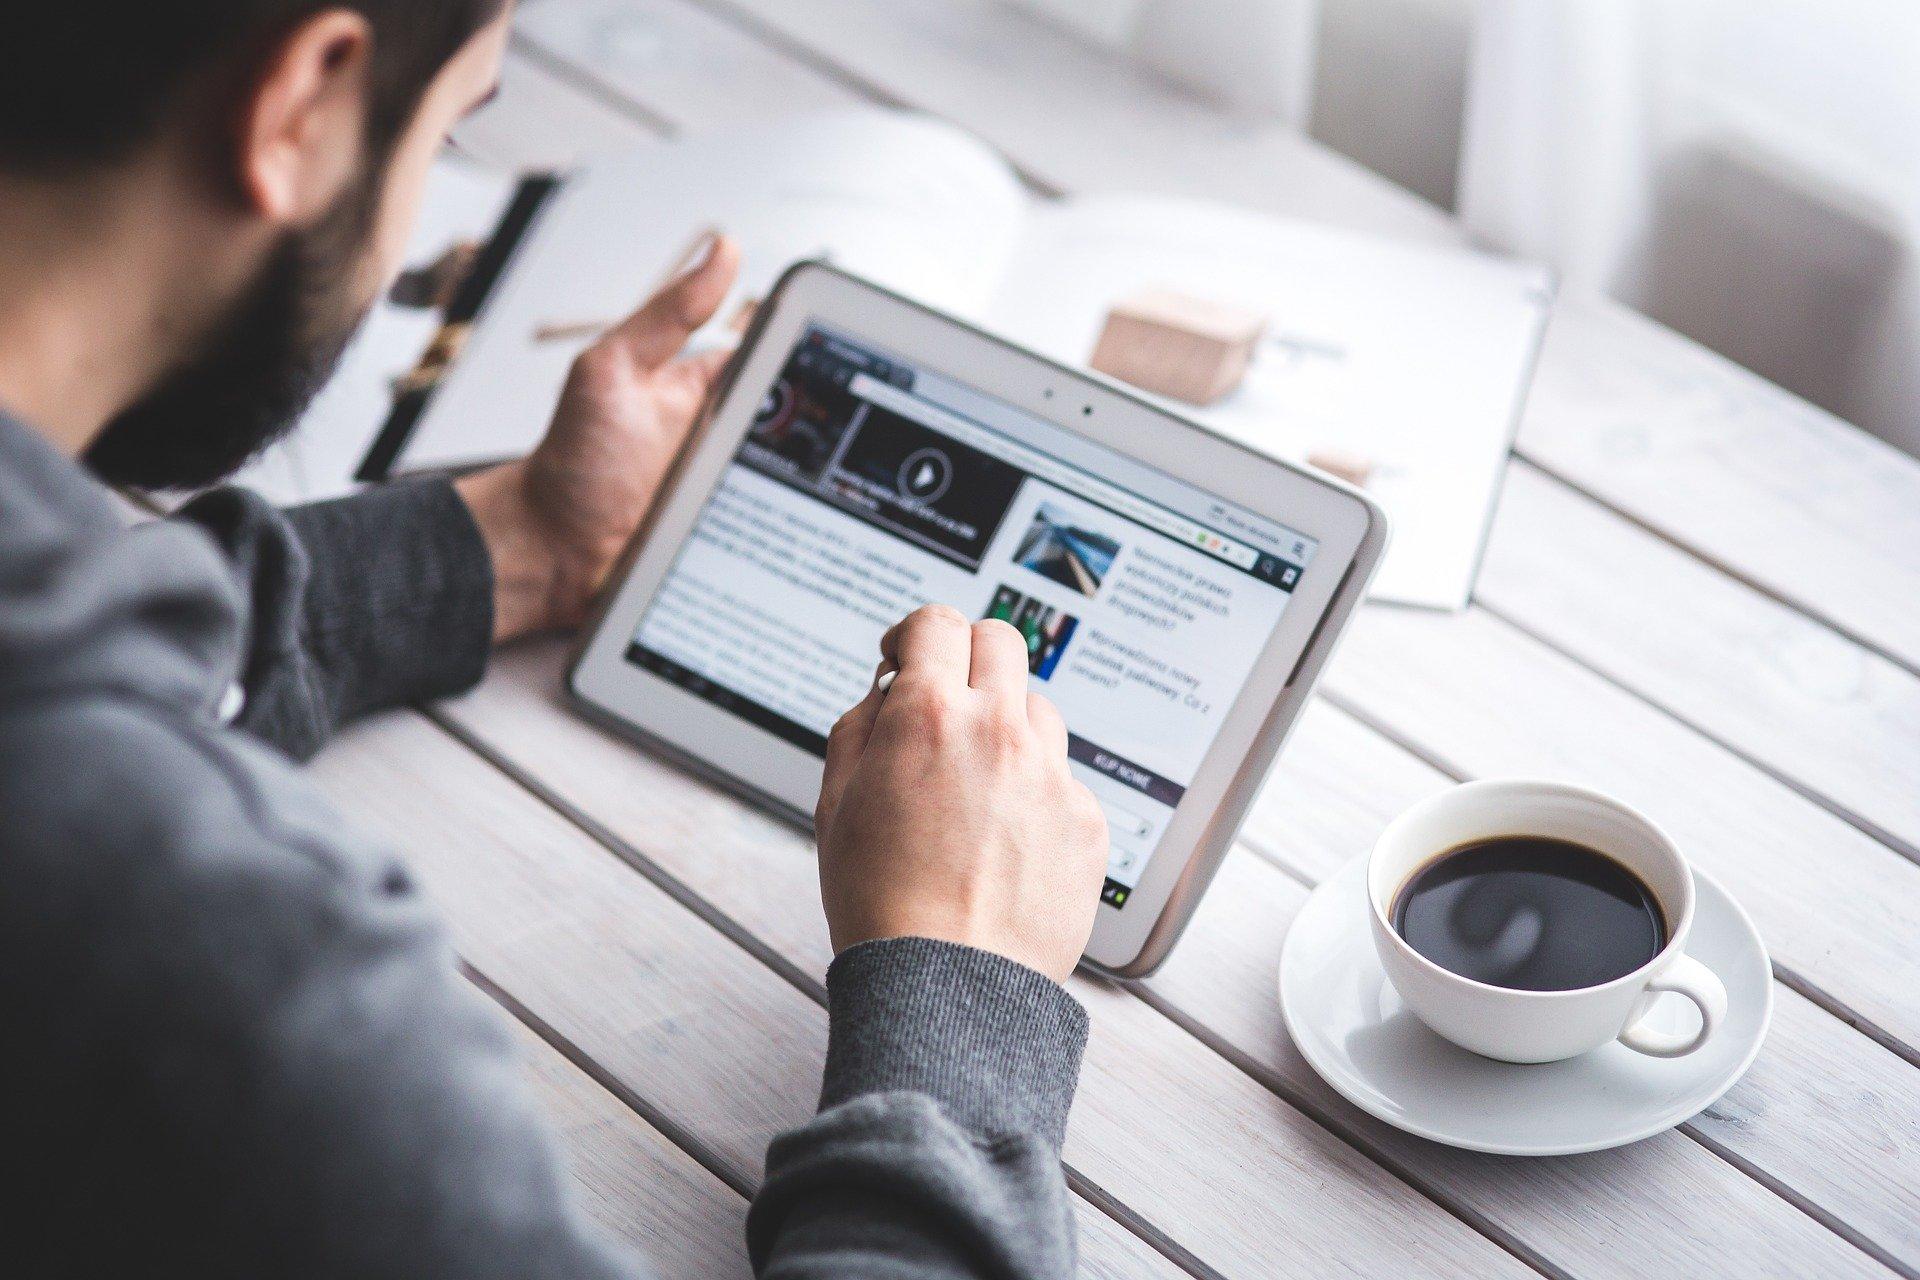 homme lisant un blog depuis une tablette